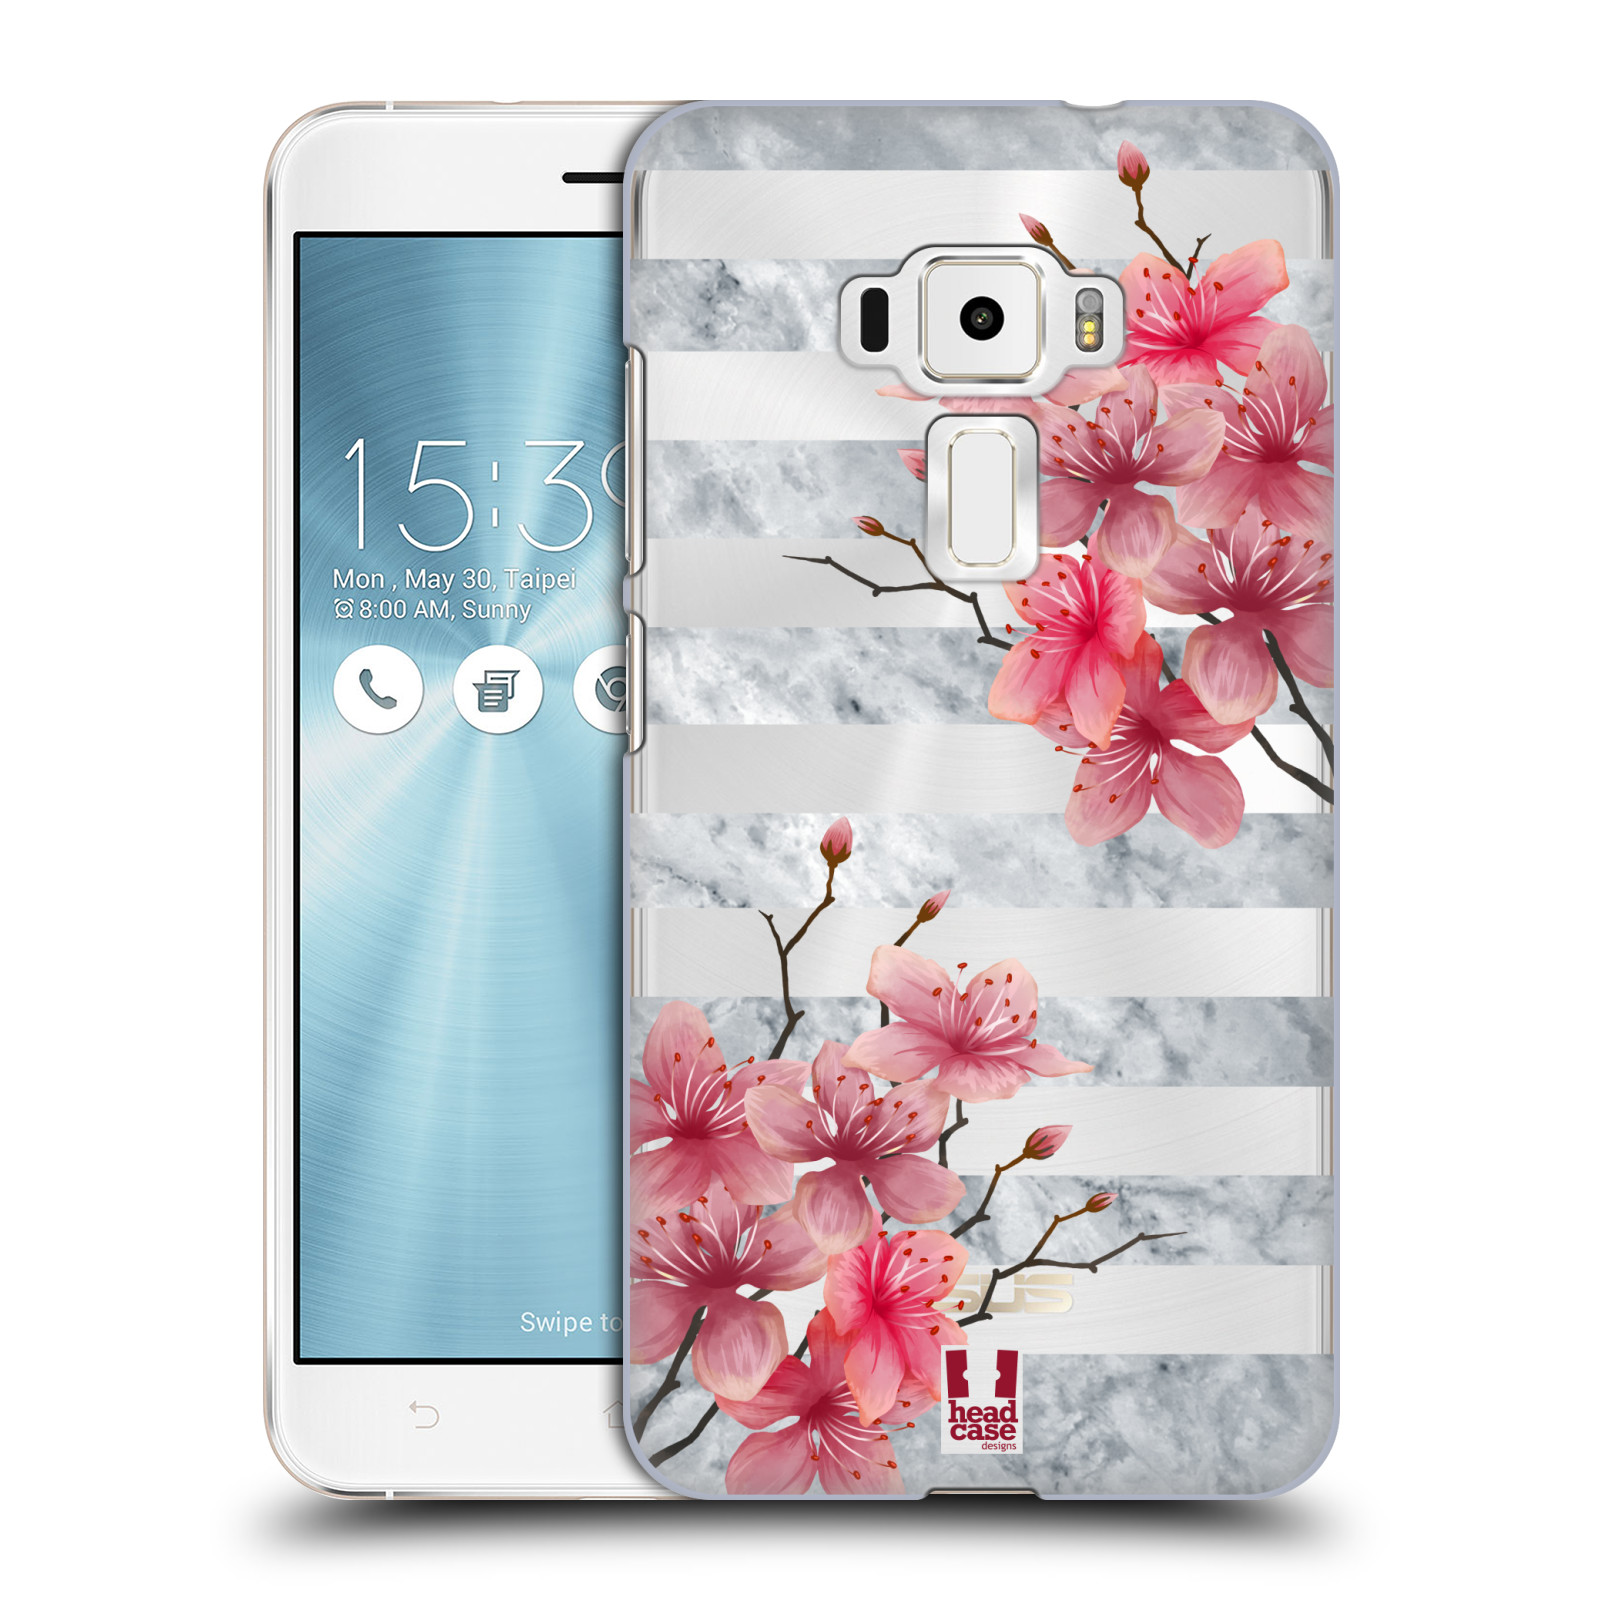 HEAD CASE plastový obal na mobil Asus Zenfone 3 ZE552KL růžové květy v rozkvětu a mramor